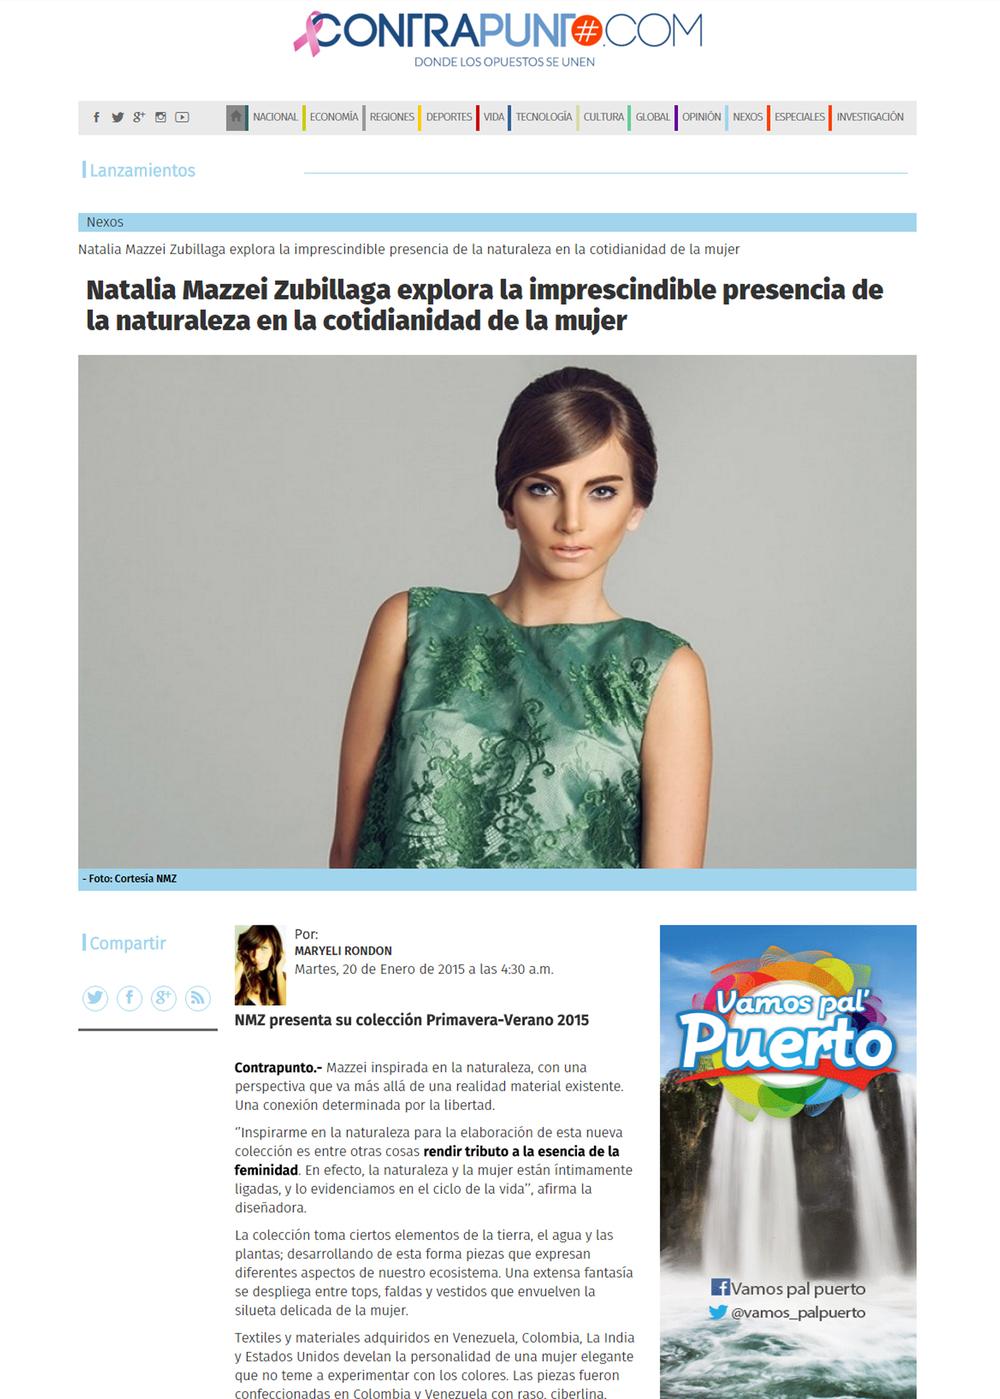 www.contrapunto.com  - Enero 2015